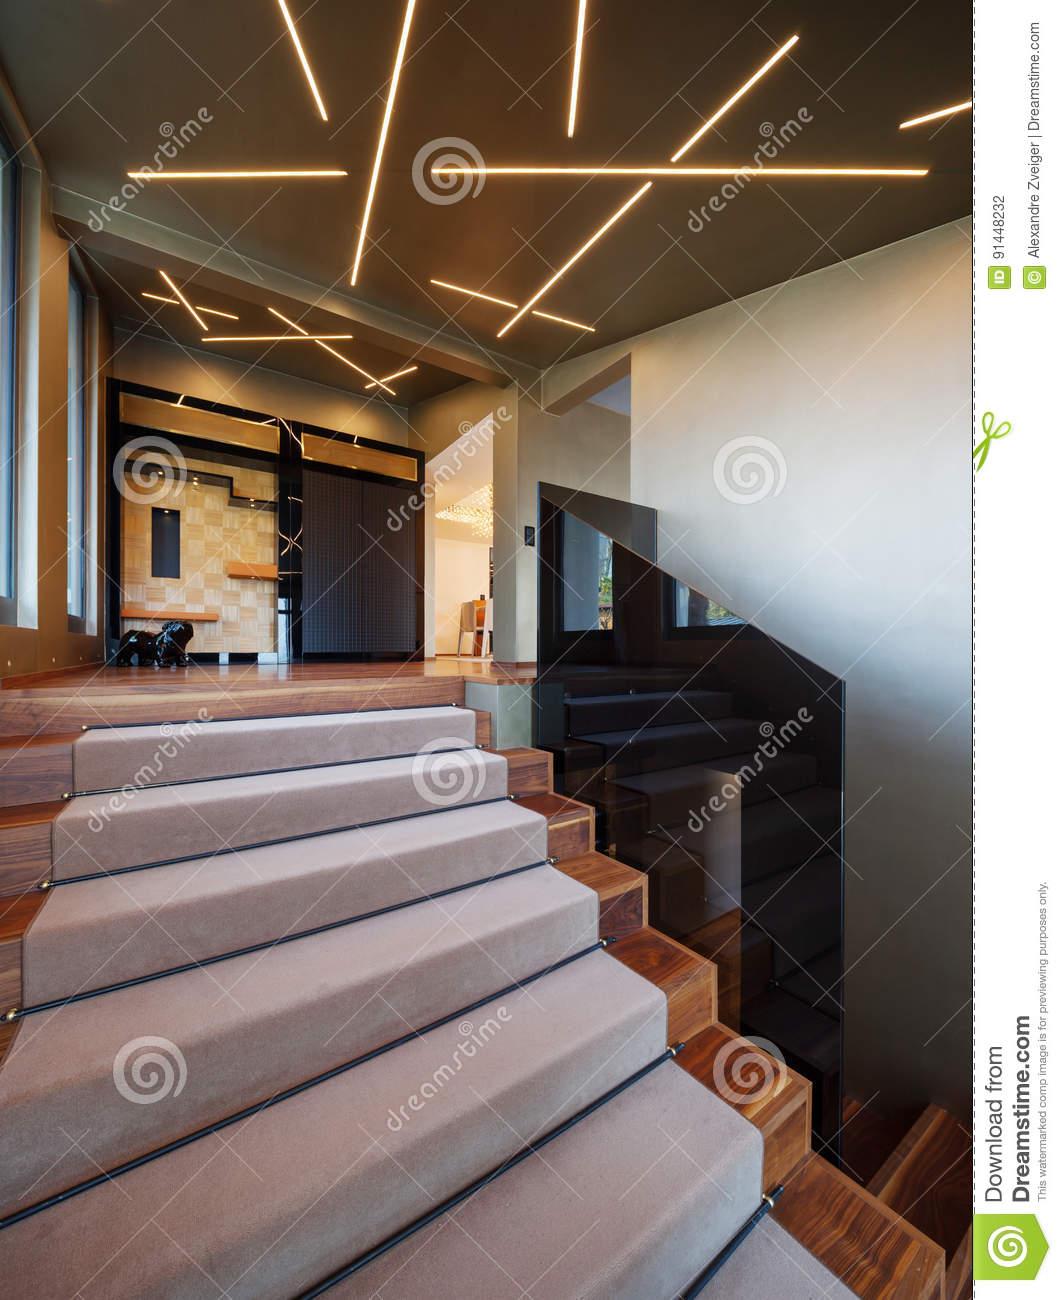 Full Size of Treppenhaus In Einem Landhaus Stockfoto Bild Von Lampen Landhausküche Küche Für Wohnzimmer Schlafzimmer Landhausstil Sofa Regal Weiß Weisse Wandregal Wohnzimmer Landhaus Lampen